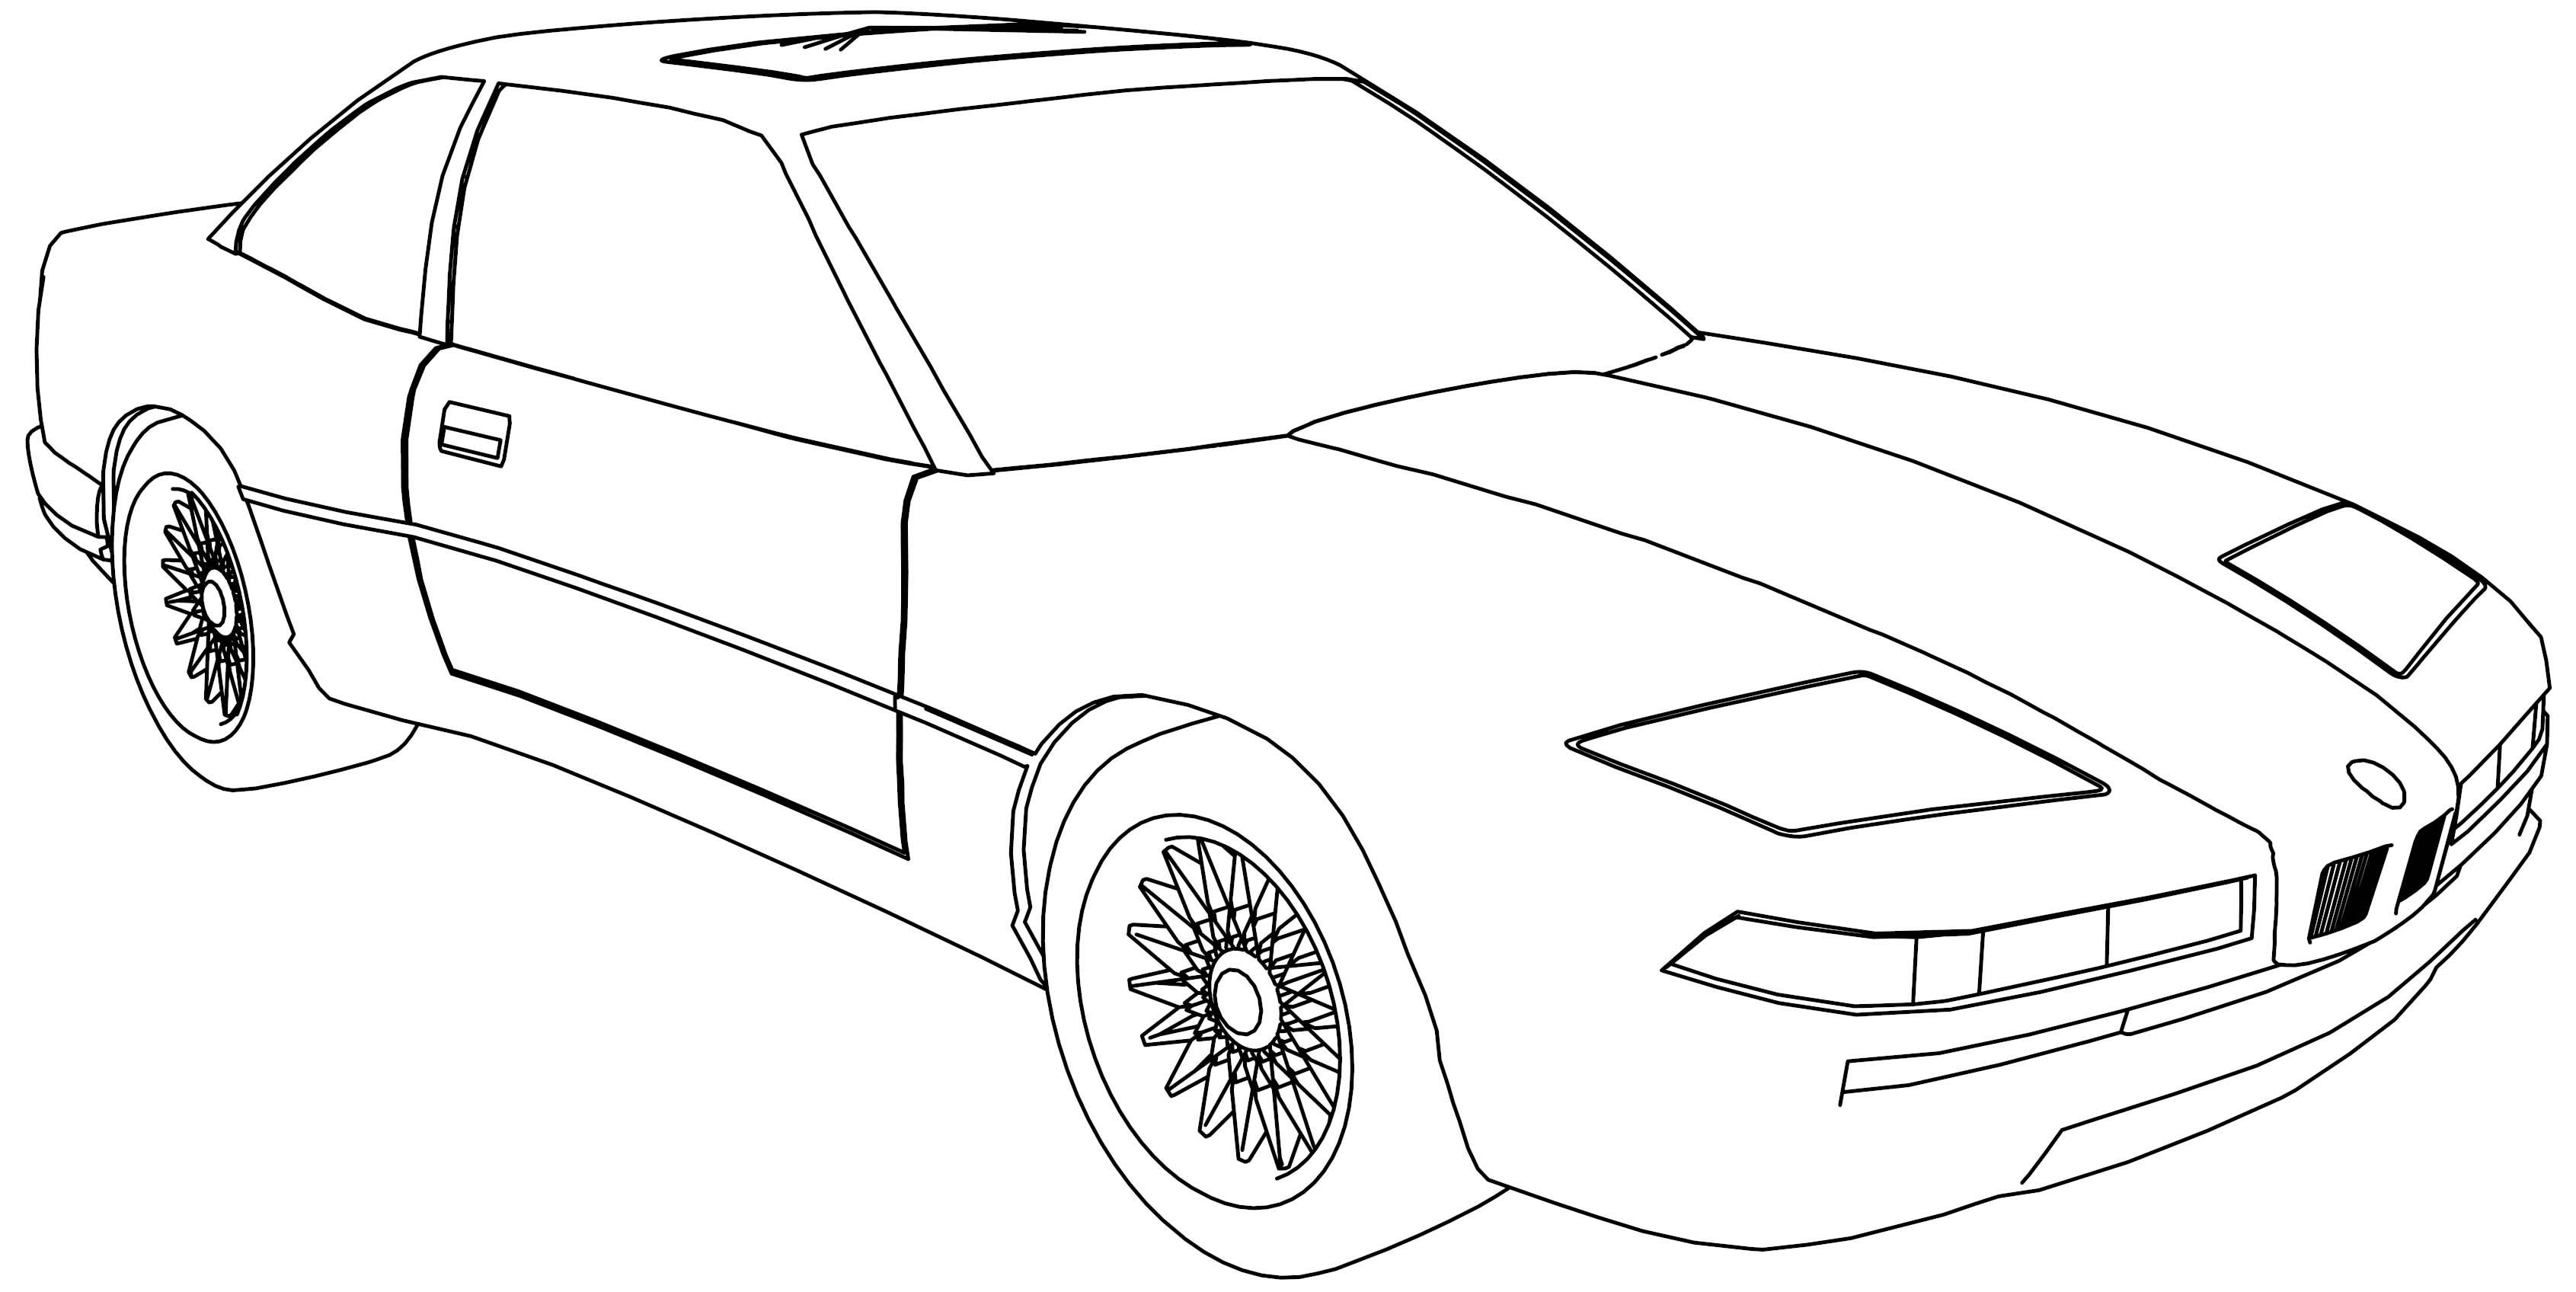 bmw 850 sport car coloring page. Black Bedroom Furniture Sets. Home Design Ideas